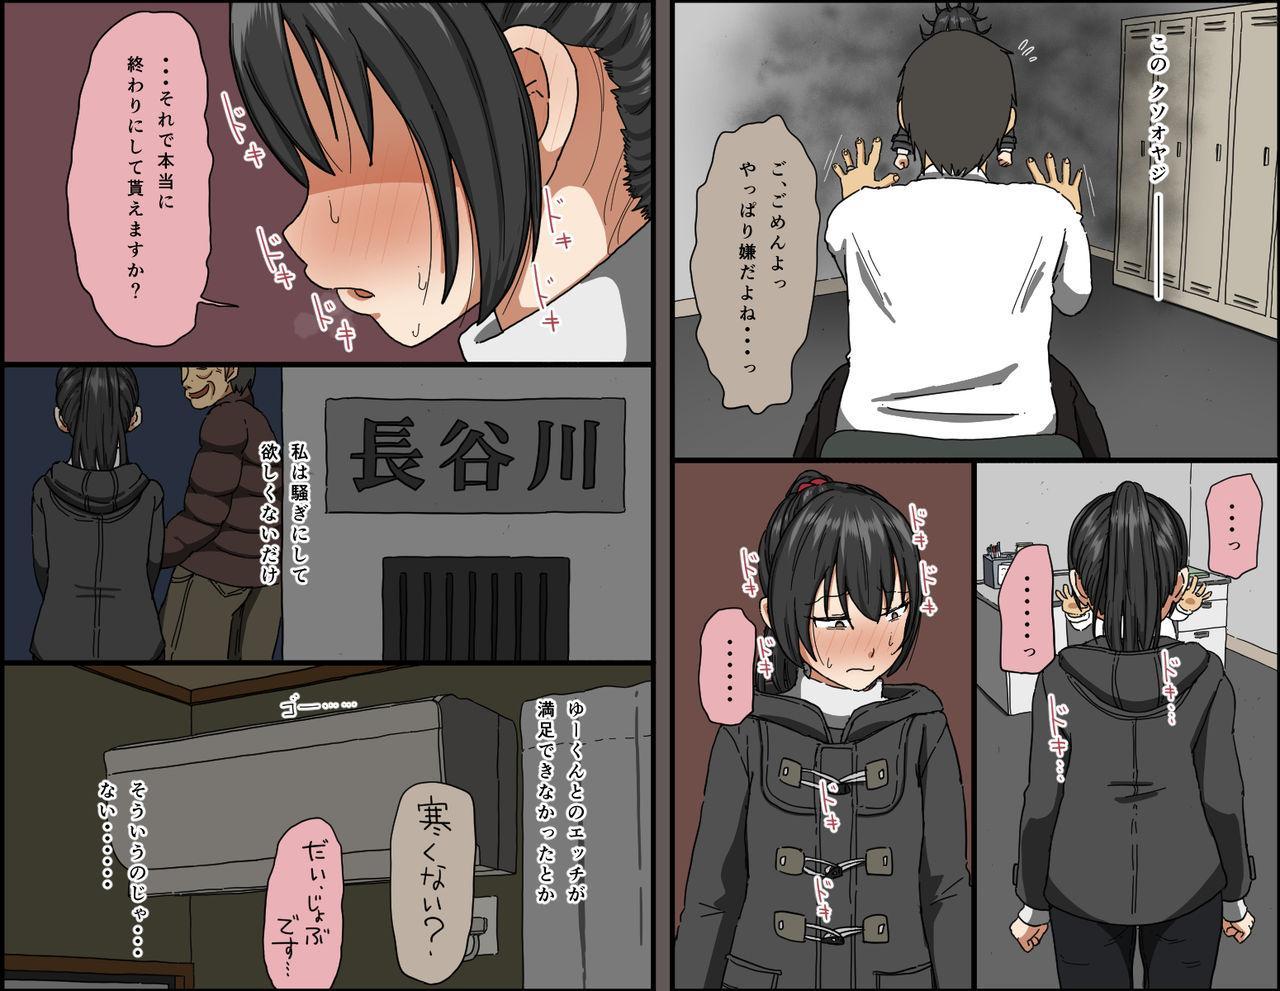 Aitsu ga Katta Gom no Size wa Ore no yori Dekakatta 37